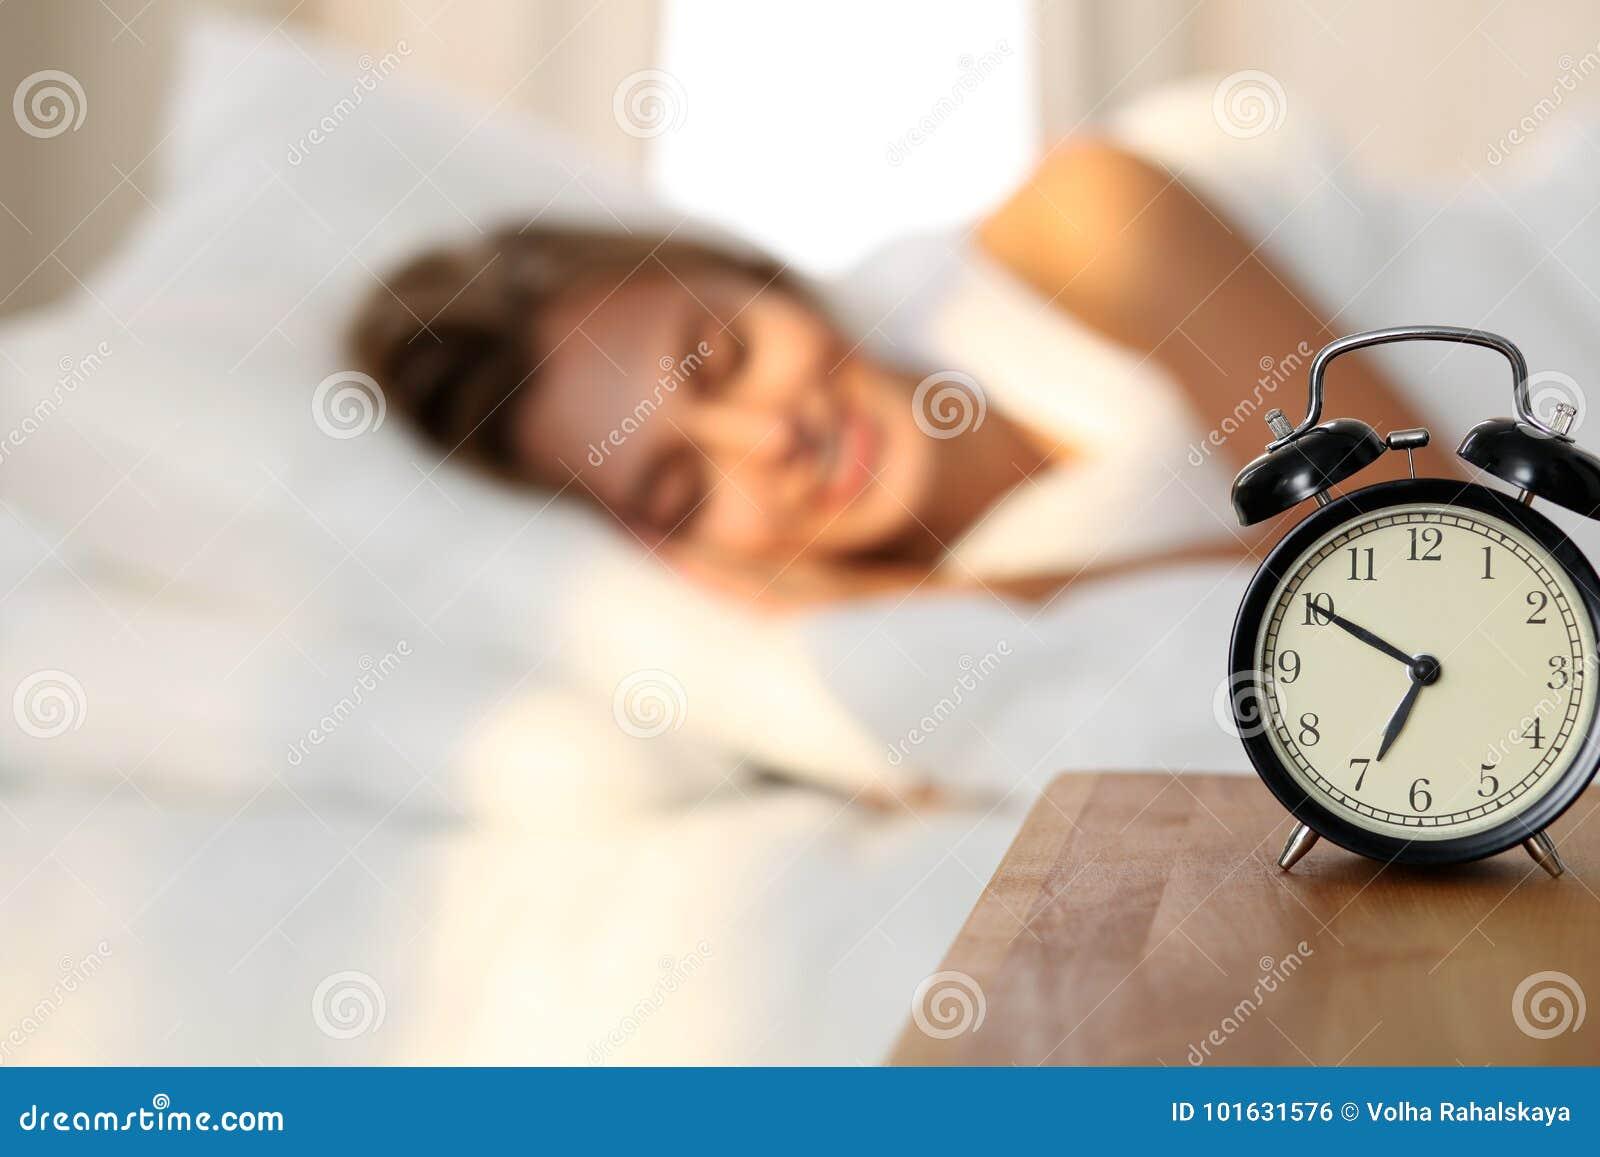 Schöne junge schlafende und beim im Bett auf dem Hintergrund der Warnung bequem und himmlisch liegen lächelnde Frau